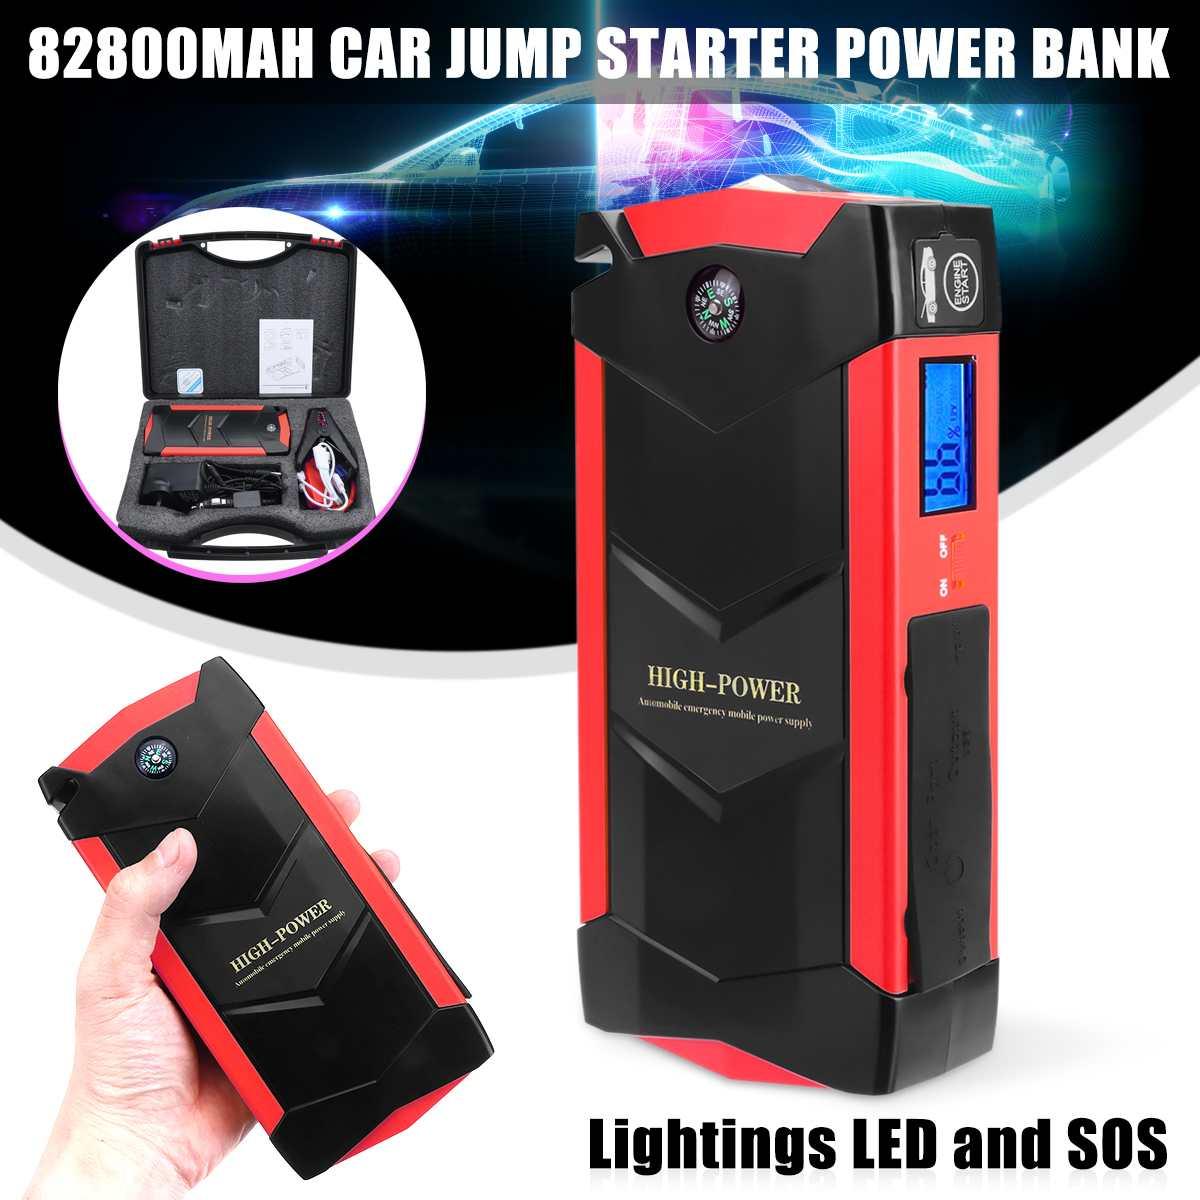 4 USB 12 V 82800 mAh Portable LED d'urgence voiture batterie saut démarreur multifonction batterie externe trousse à outils pour démarrage automatique dispositif